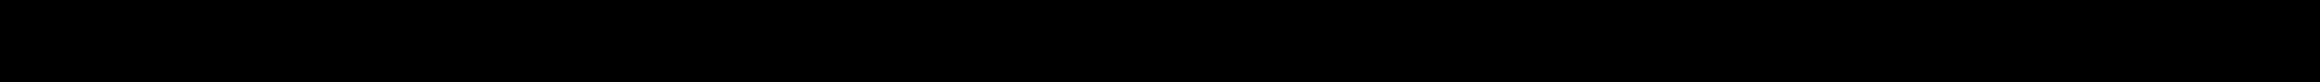 HELLA 07 11 9 978 373, 9 978 373, 07 11 9 978 373, 9 978 373, 021 576 50 Glühlampe, Kennzeichenleuchte